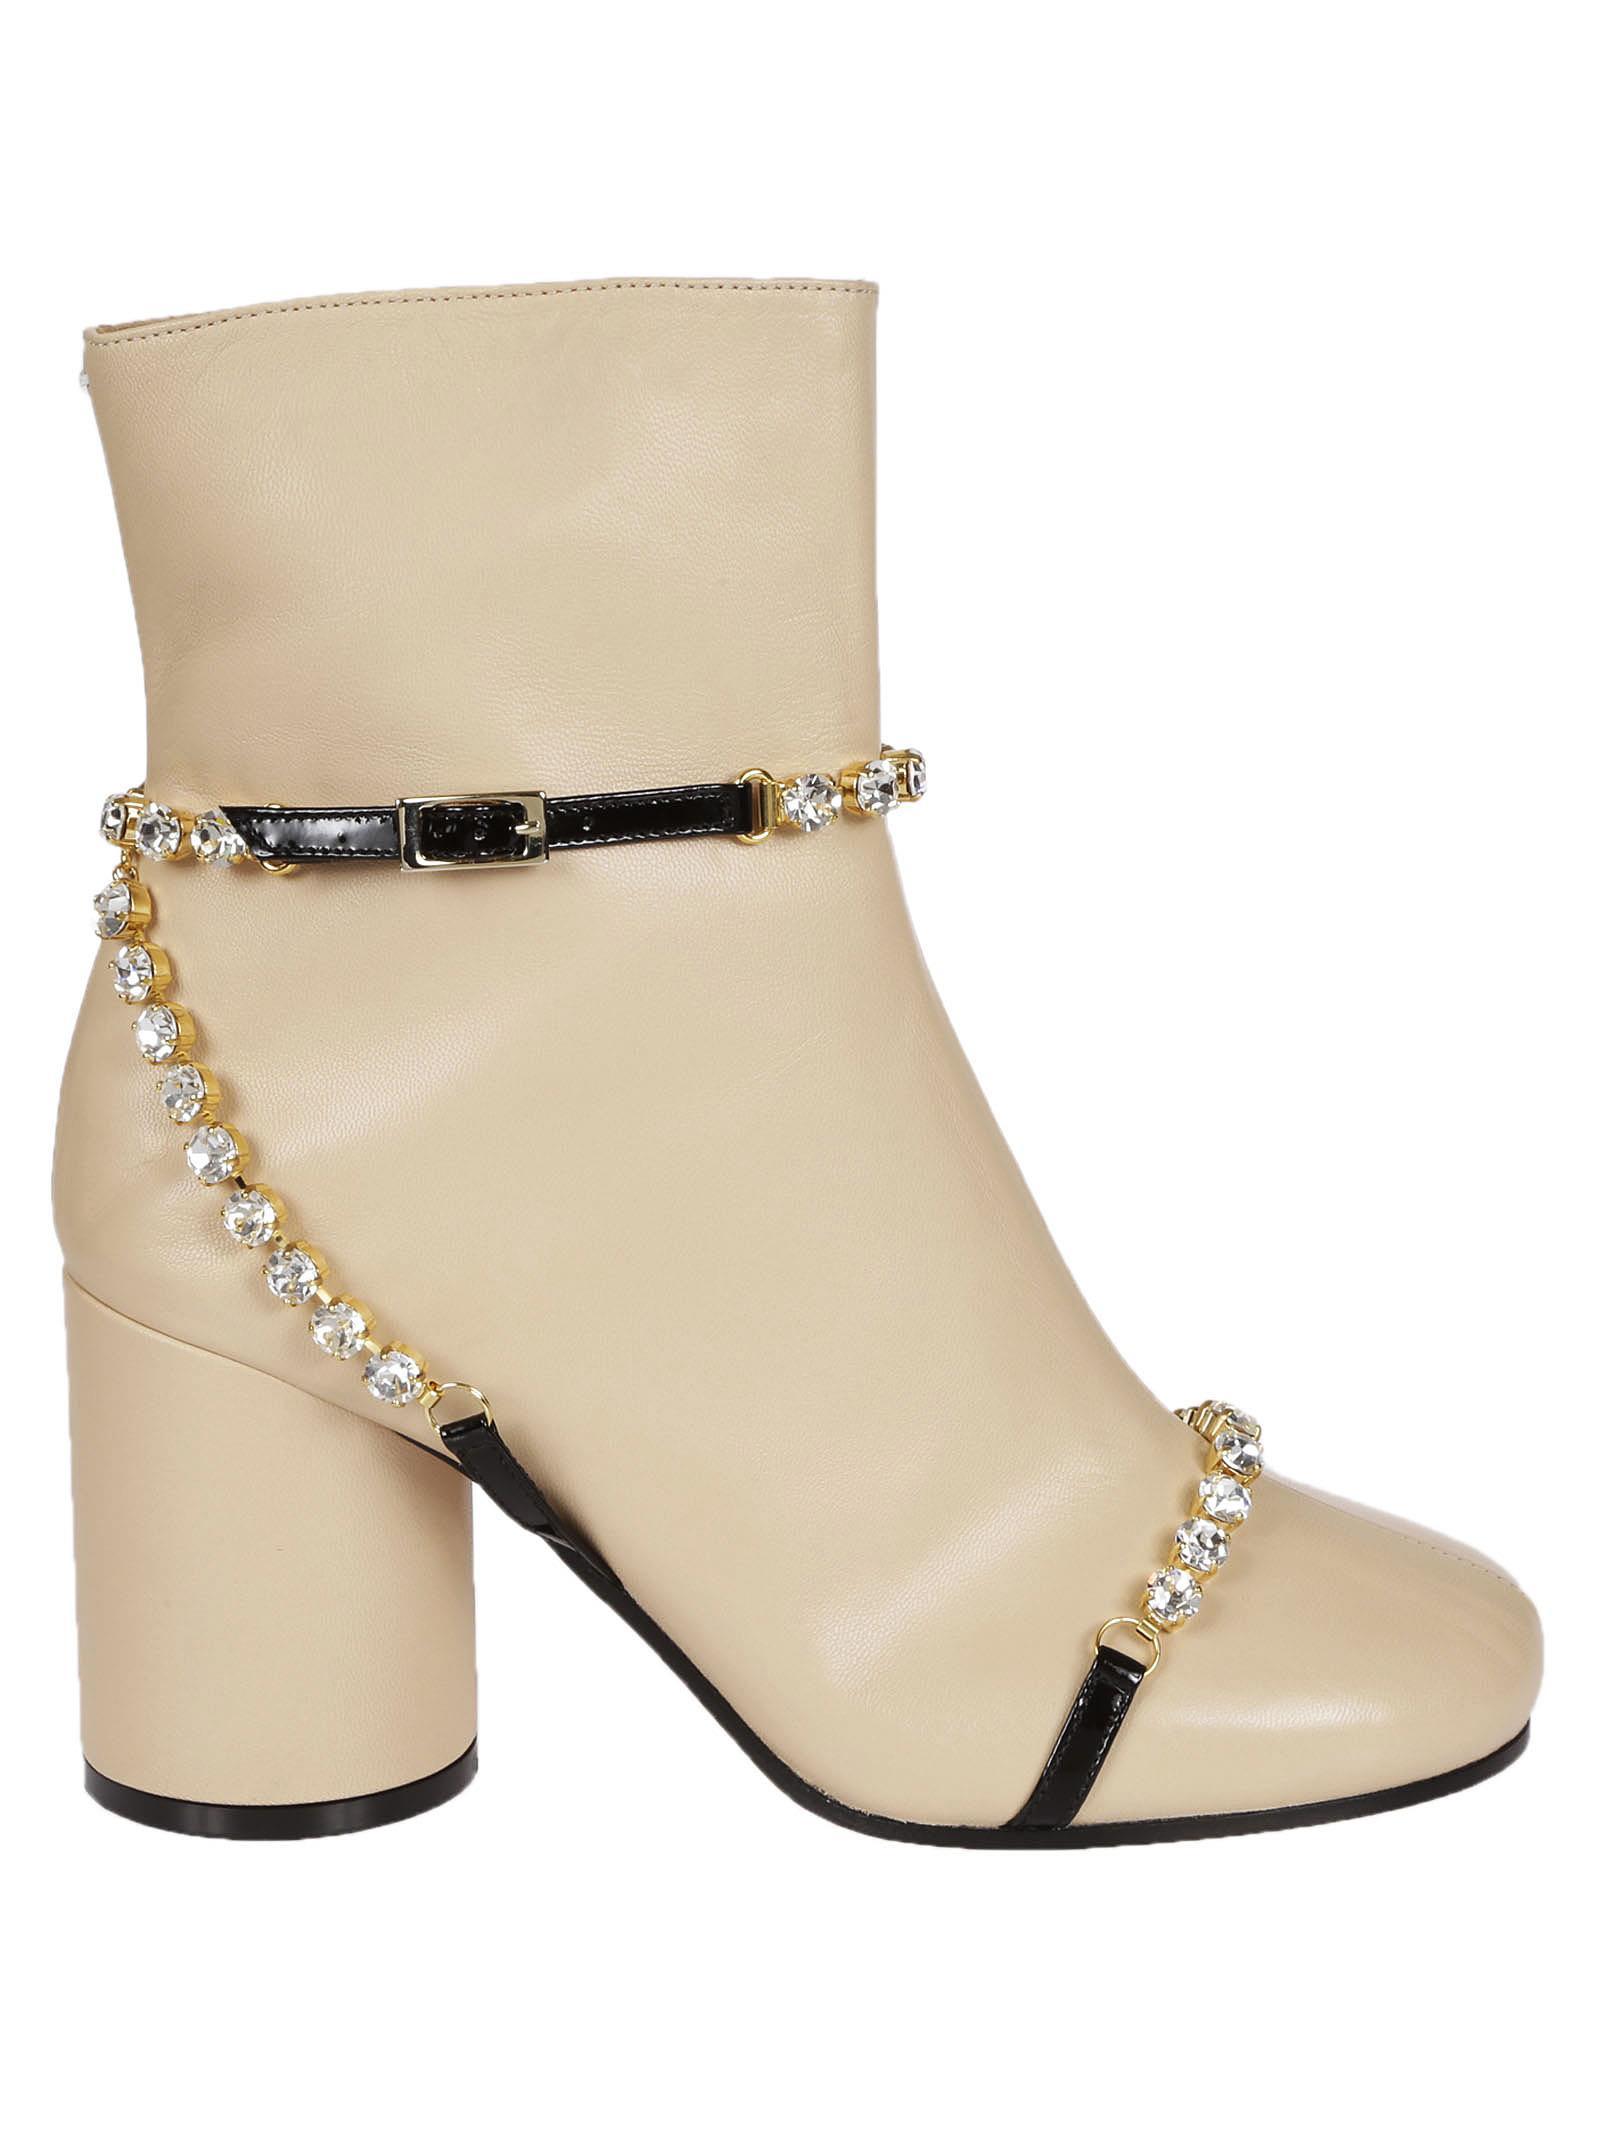 Buy Maison Margiela Embellished Ankle Boots online, shop Maison Margiela shoes with free shipping